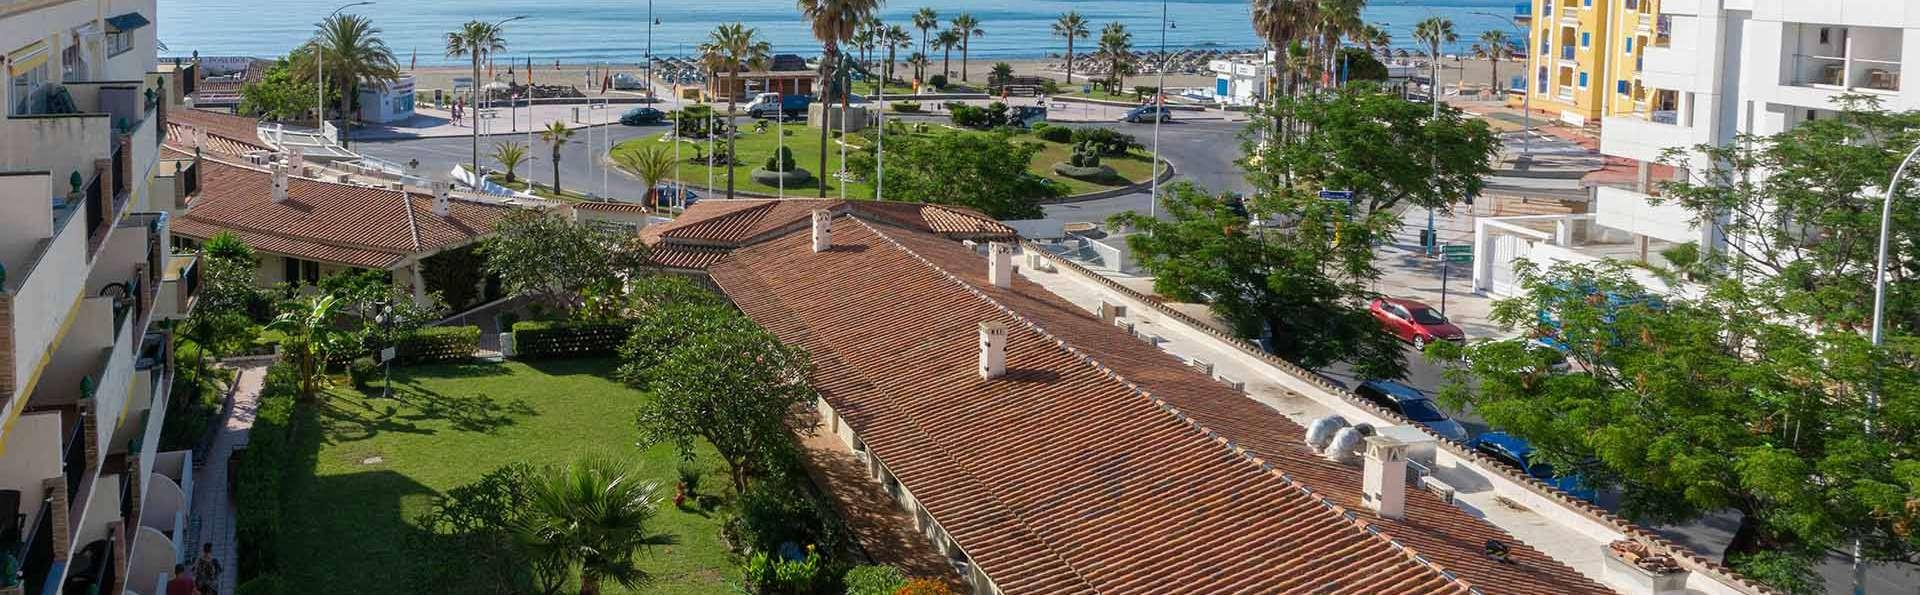 Escapada frente a la playa de Playamar de Torremolinos